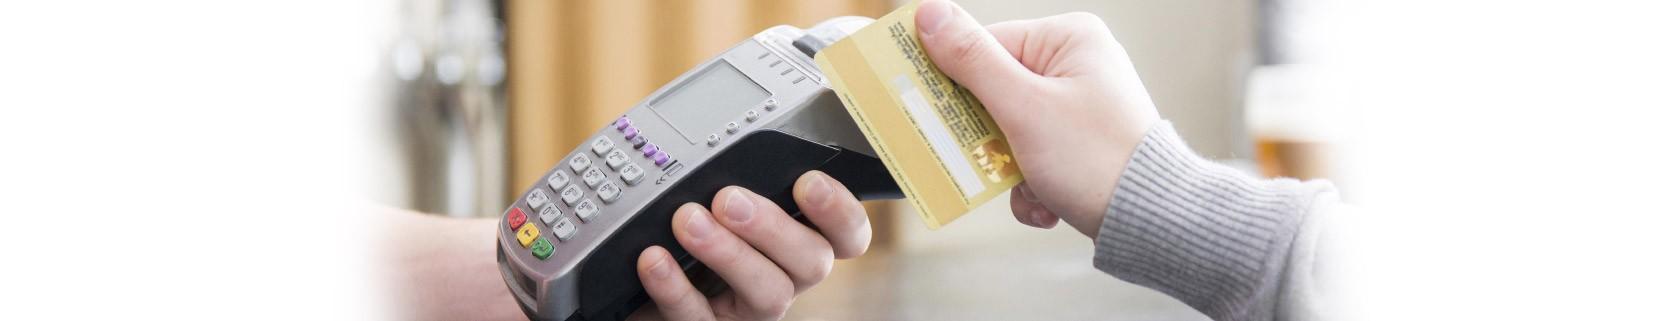 روشهای پرداخت در داروخانه آنلاین